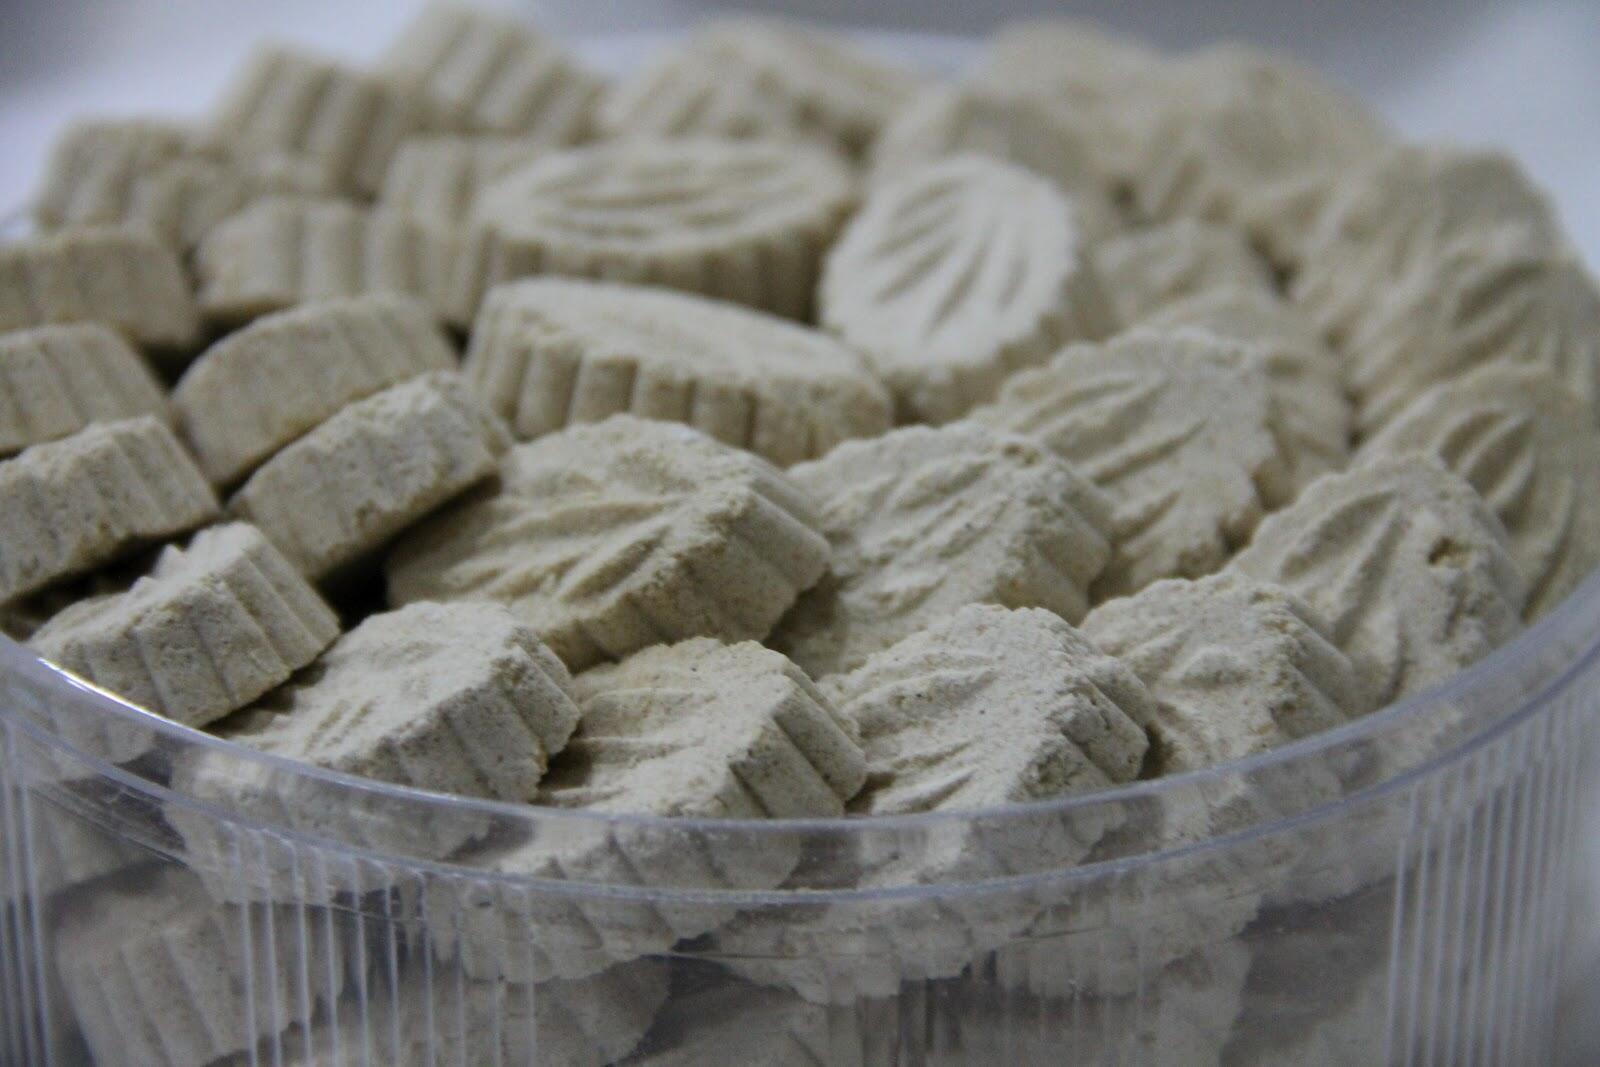 15 Kue Kering Tradisional Terenak, Cocok Banget untuk Sajian Lebaran